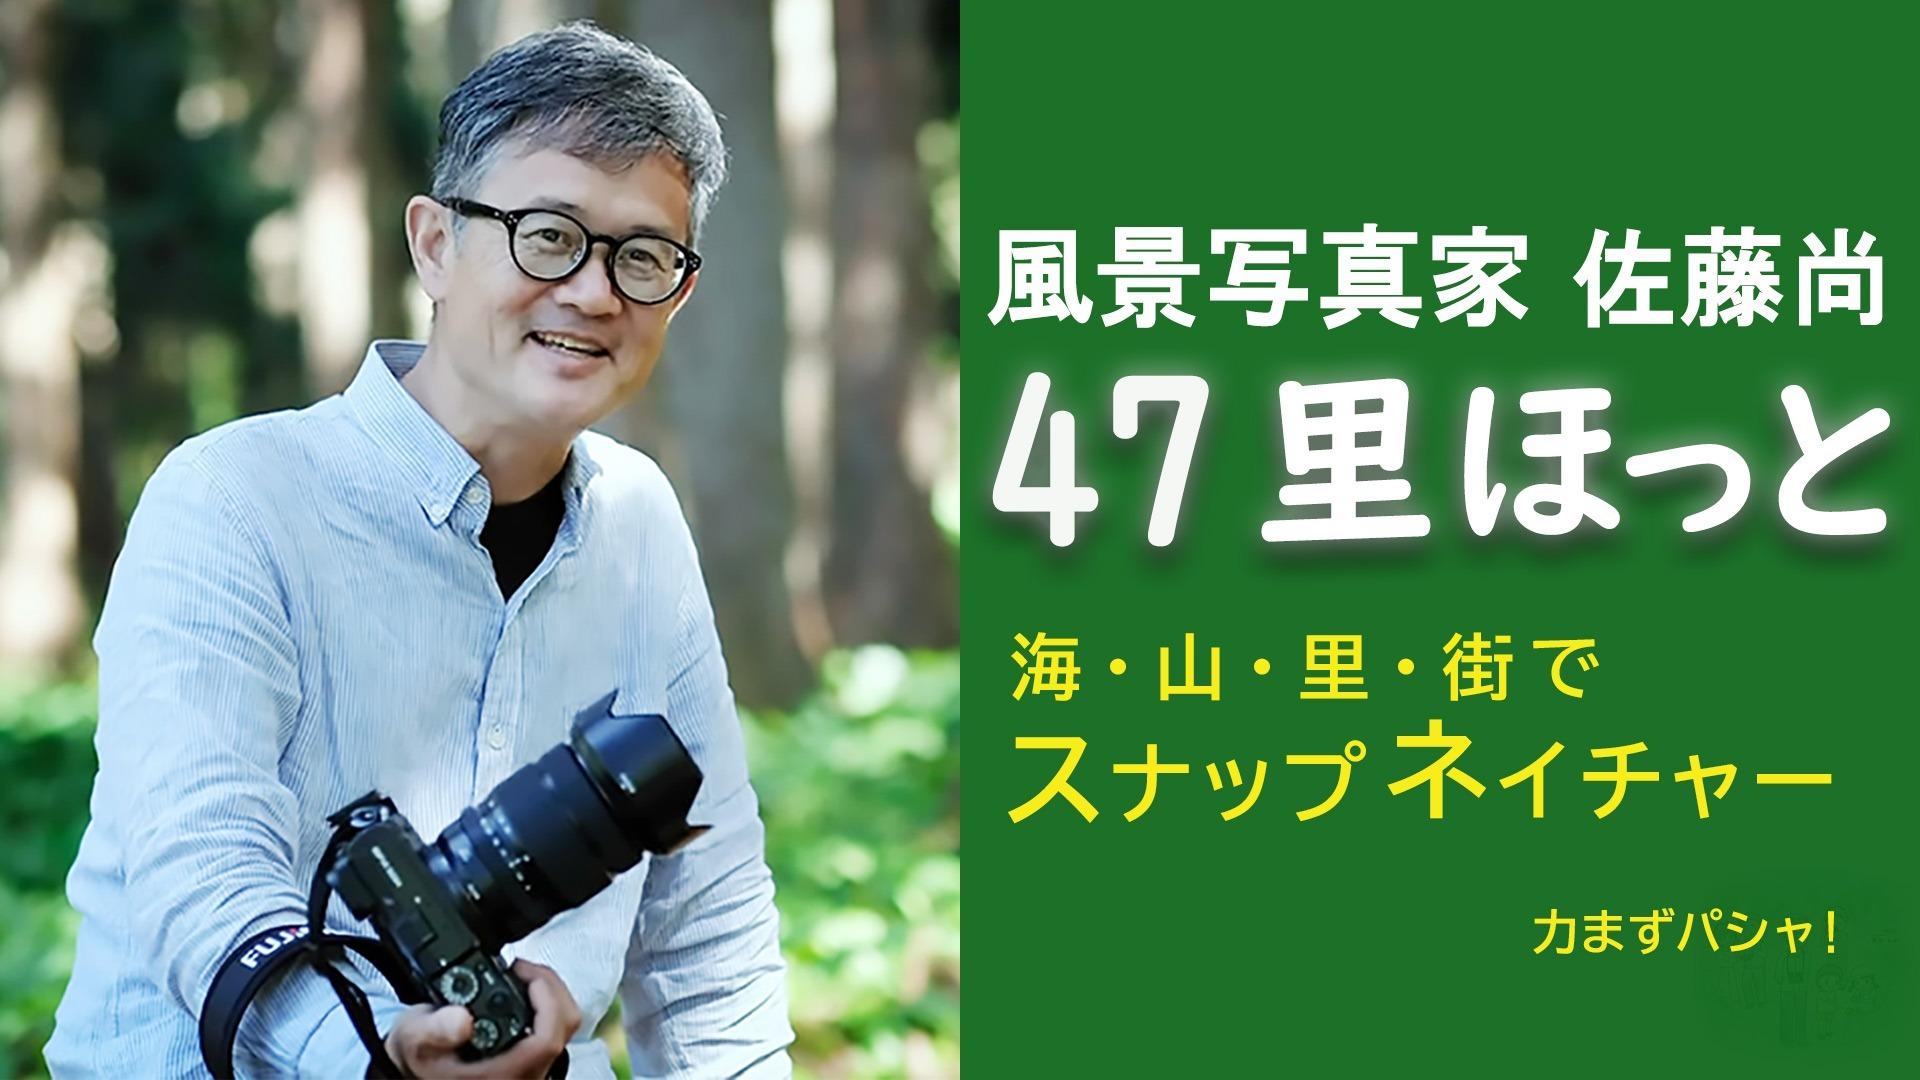 風景写真家 佐藤尚 47里ほっと